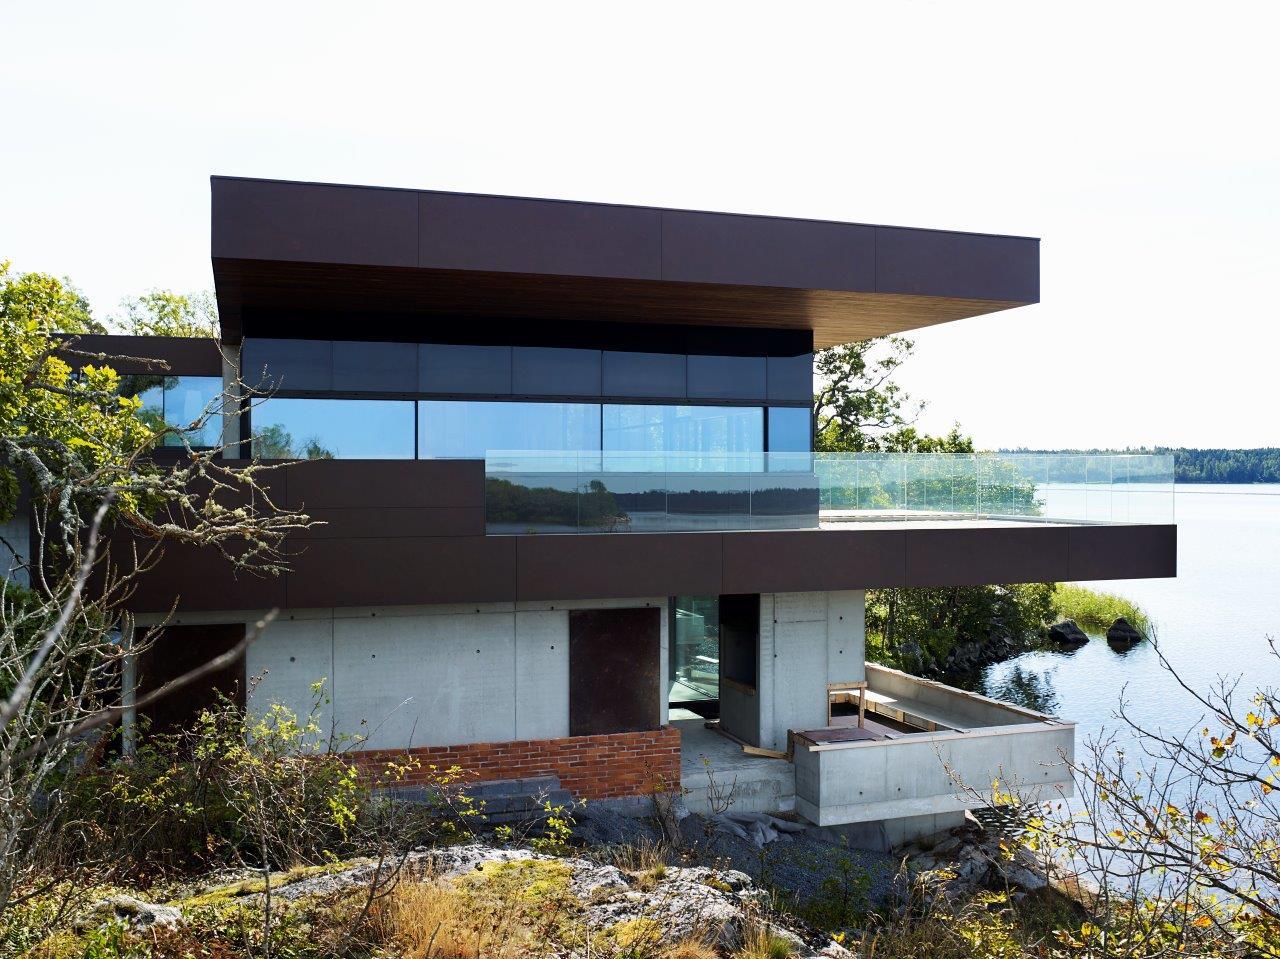 Skallan House  - 150909 cosentino028 53